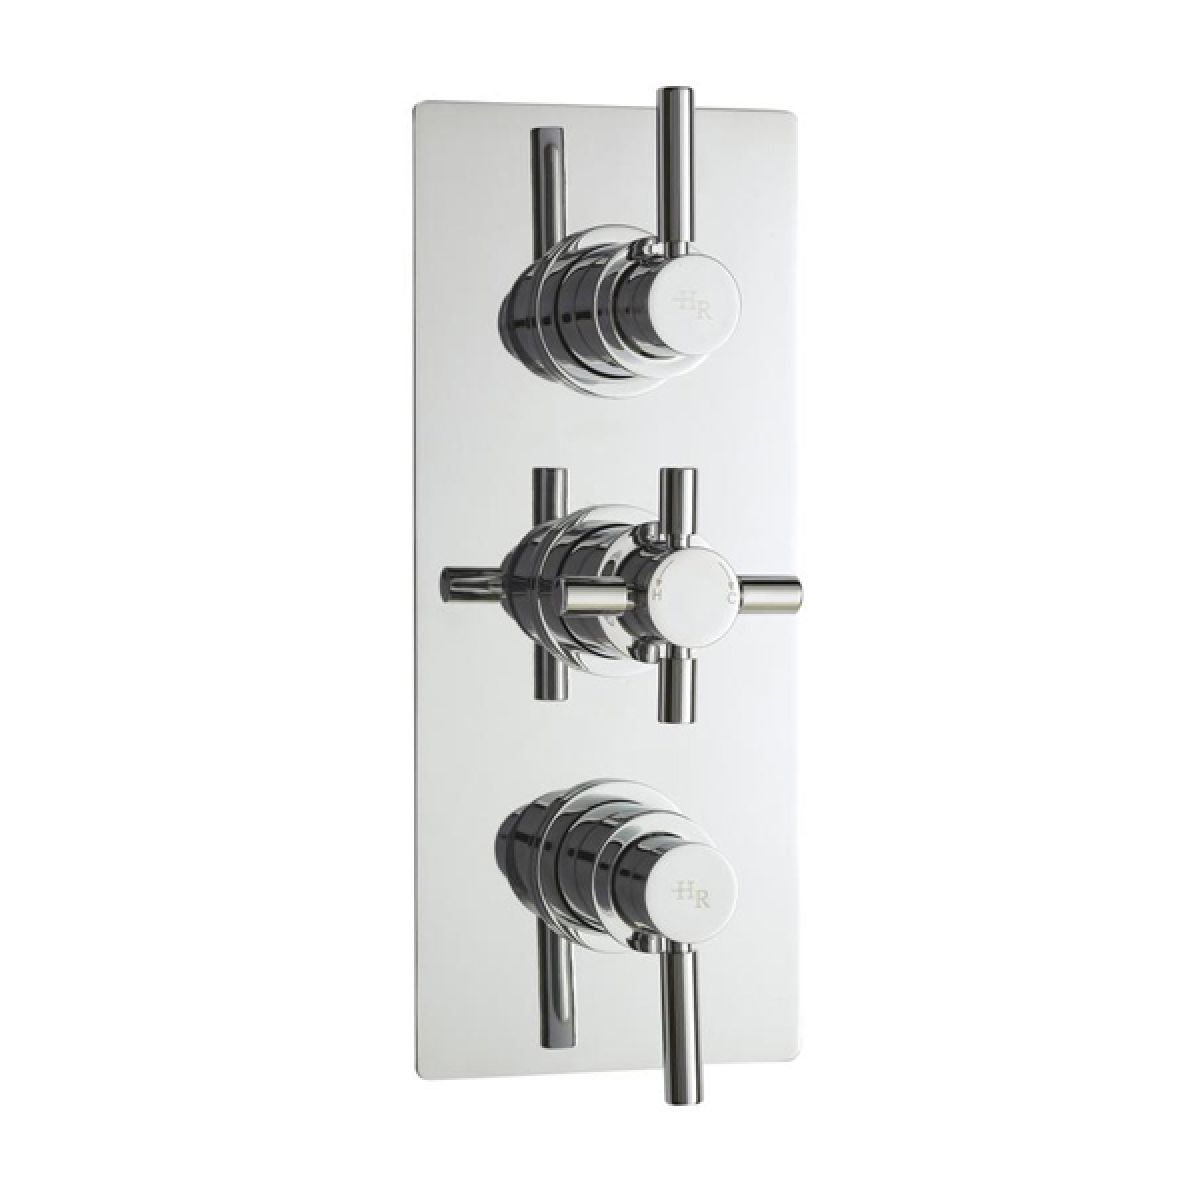 Hudson Reed Tec Pura Plus Triple Thermostatic Shower Valve